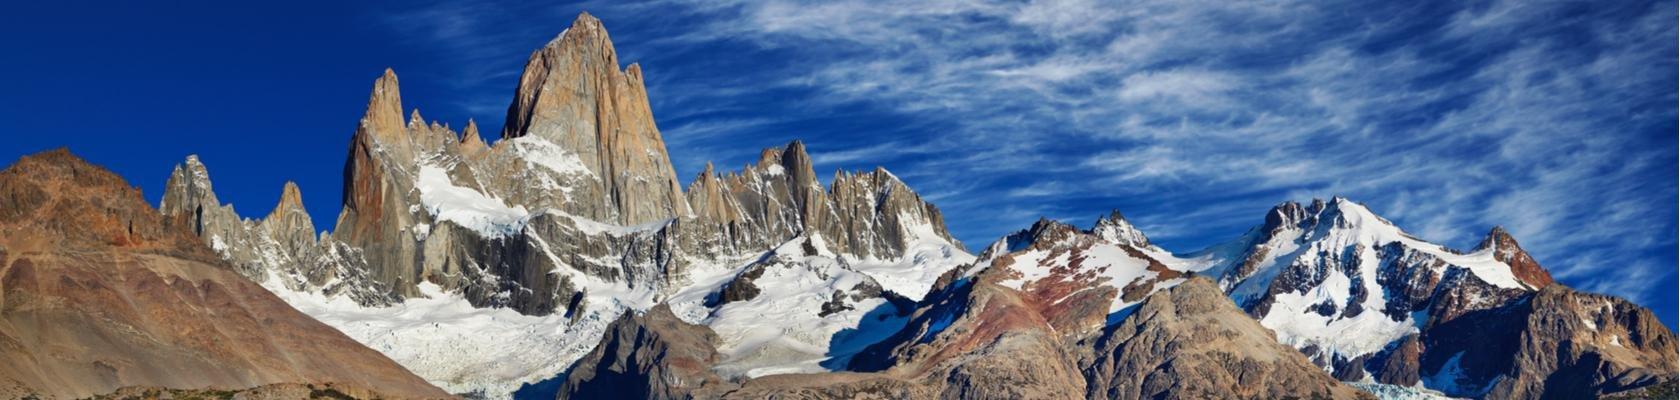 Wandelen in Los Glaciares Nationaal Park